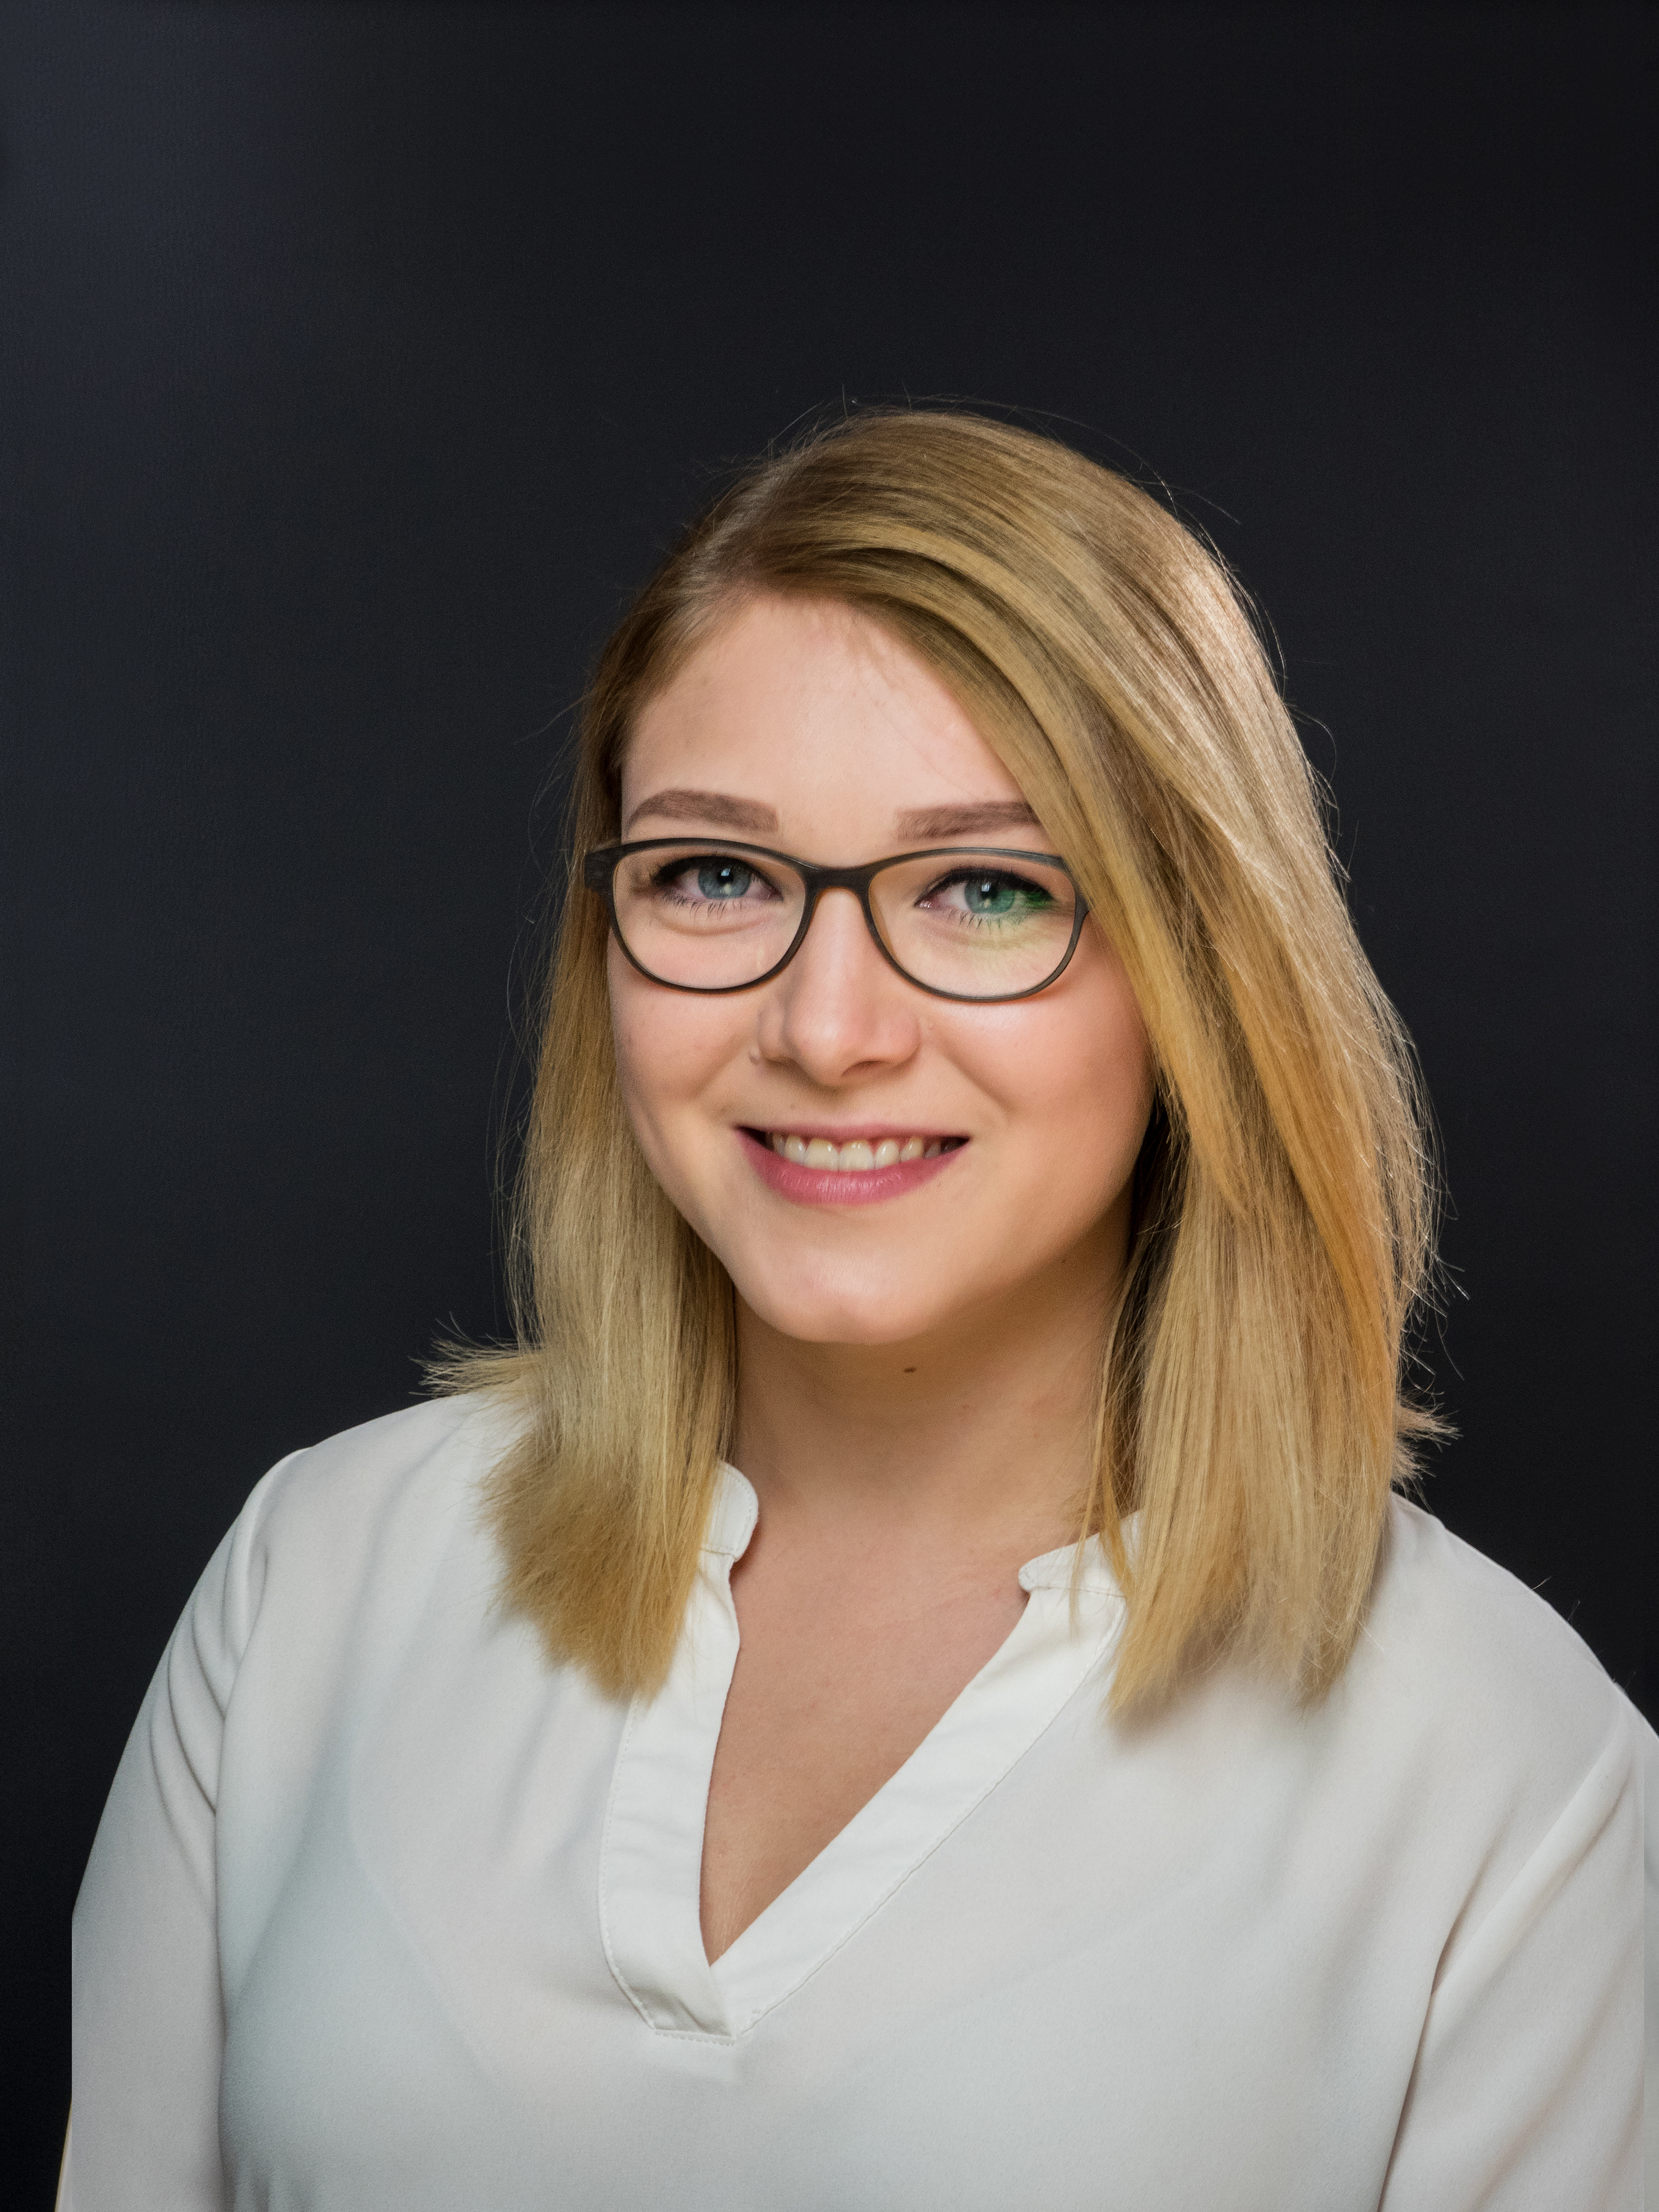 Nina Ochsenhirt